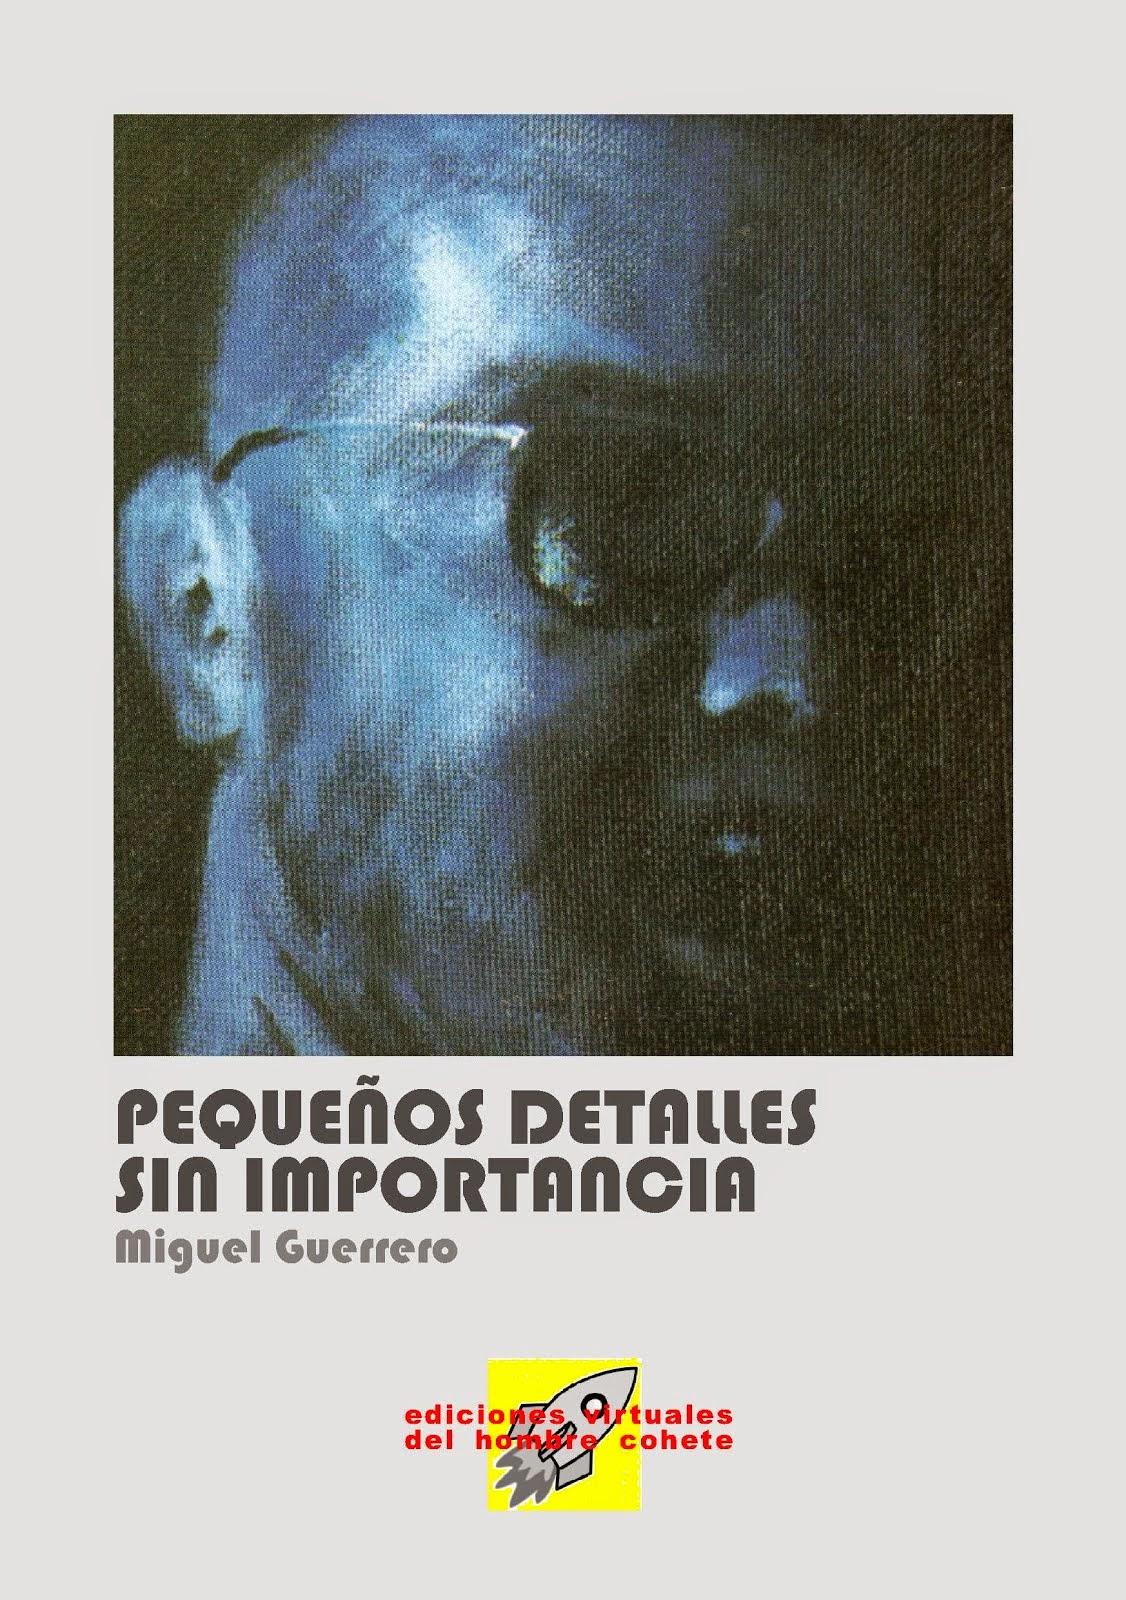 Pequeños detalles sin importancia. Miguel Guerrero